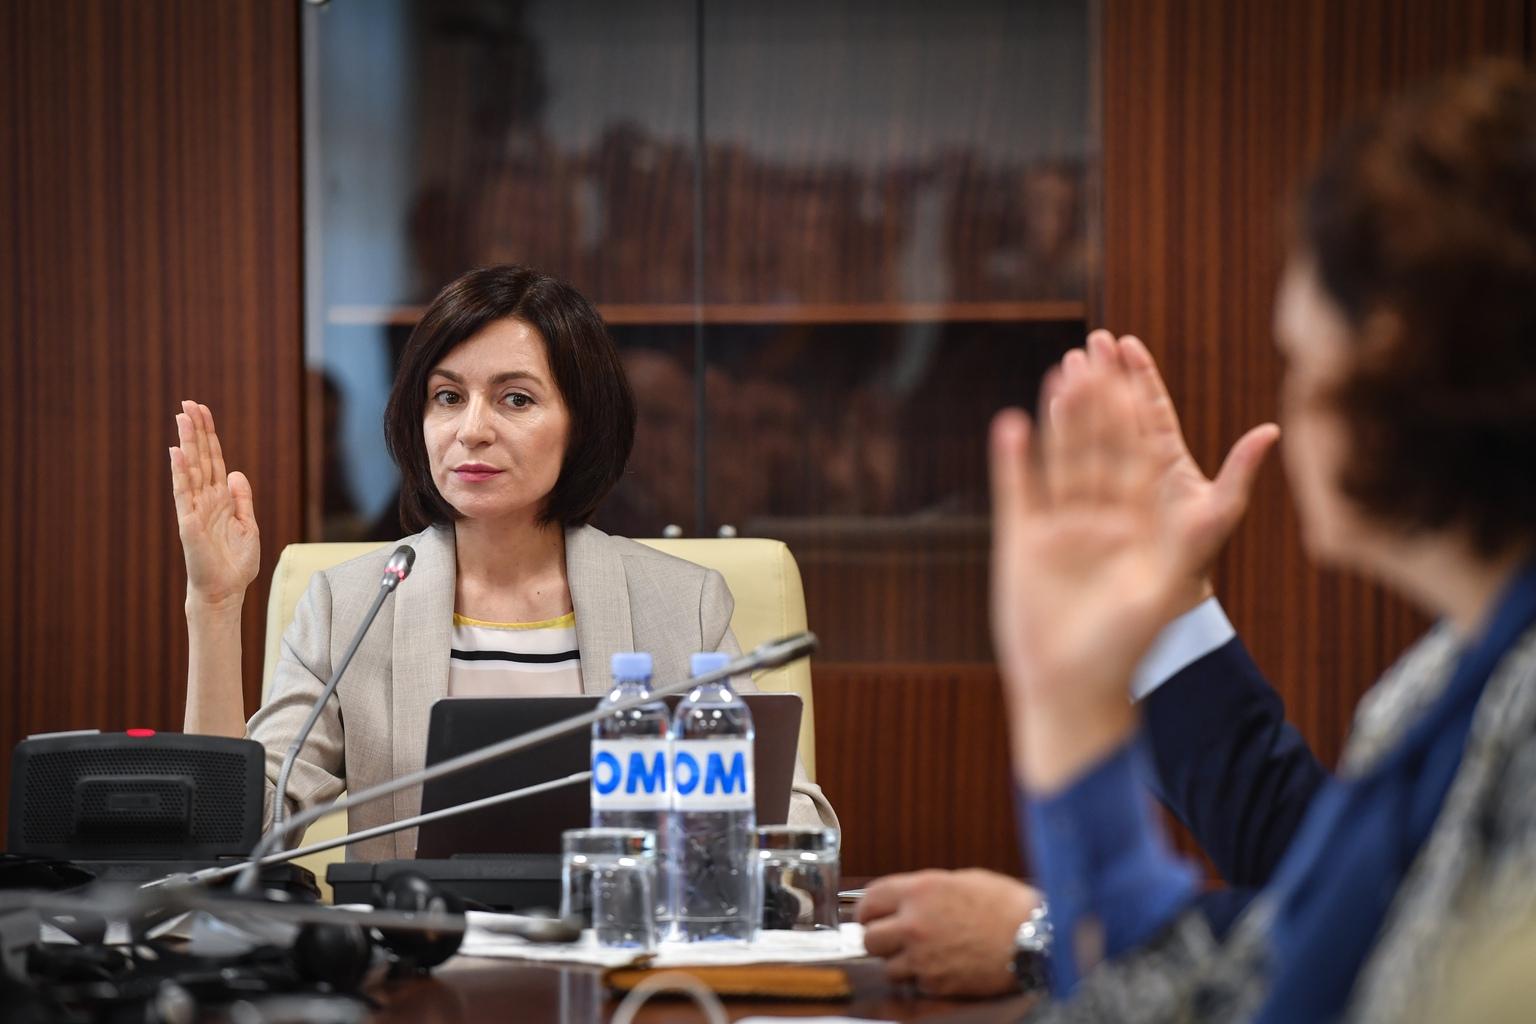 Maia Sandu moldáv miniszterelnök és kabinetének tagjai szavaznak az első kormányülésen Chisinauban 2019. június 10-én #moszkvater